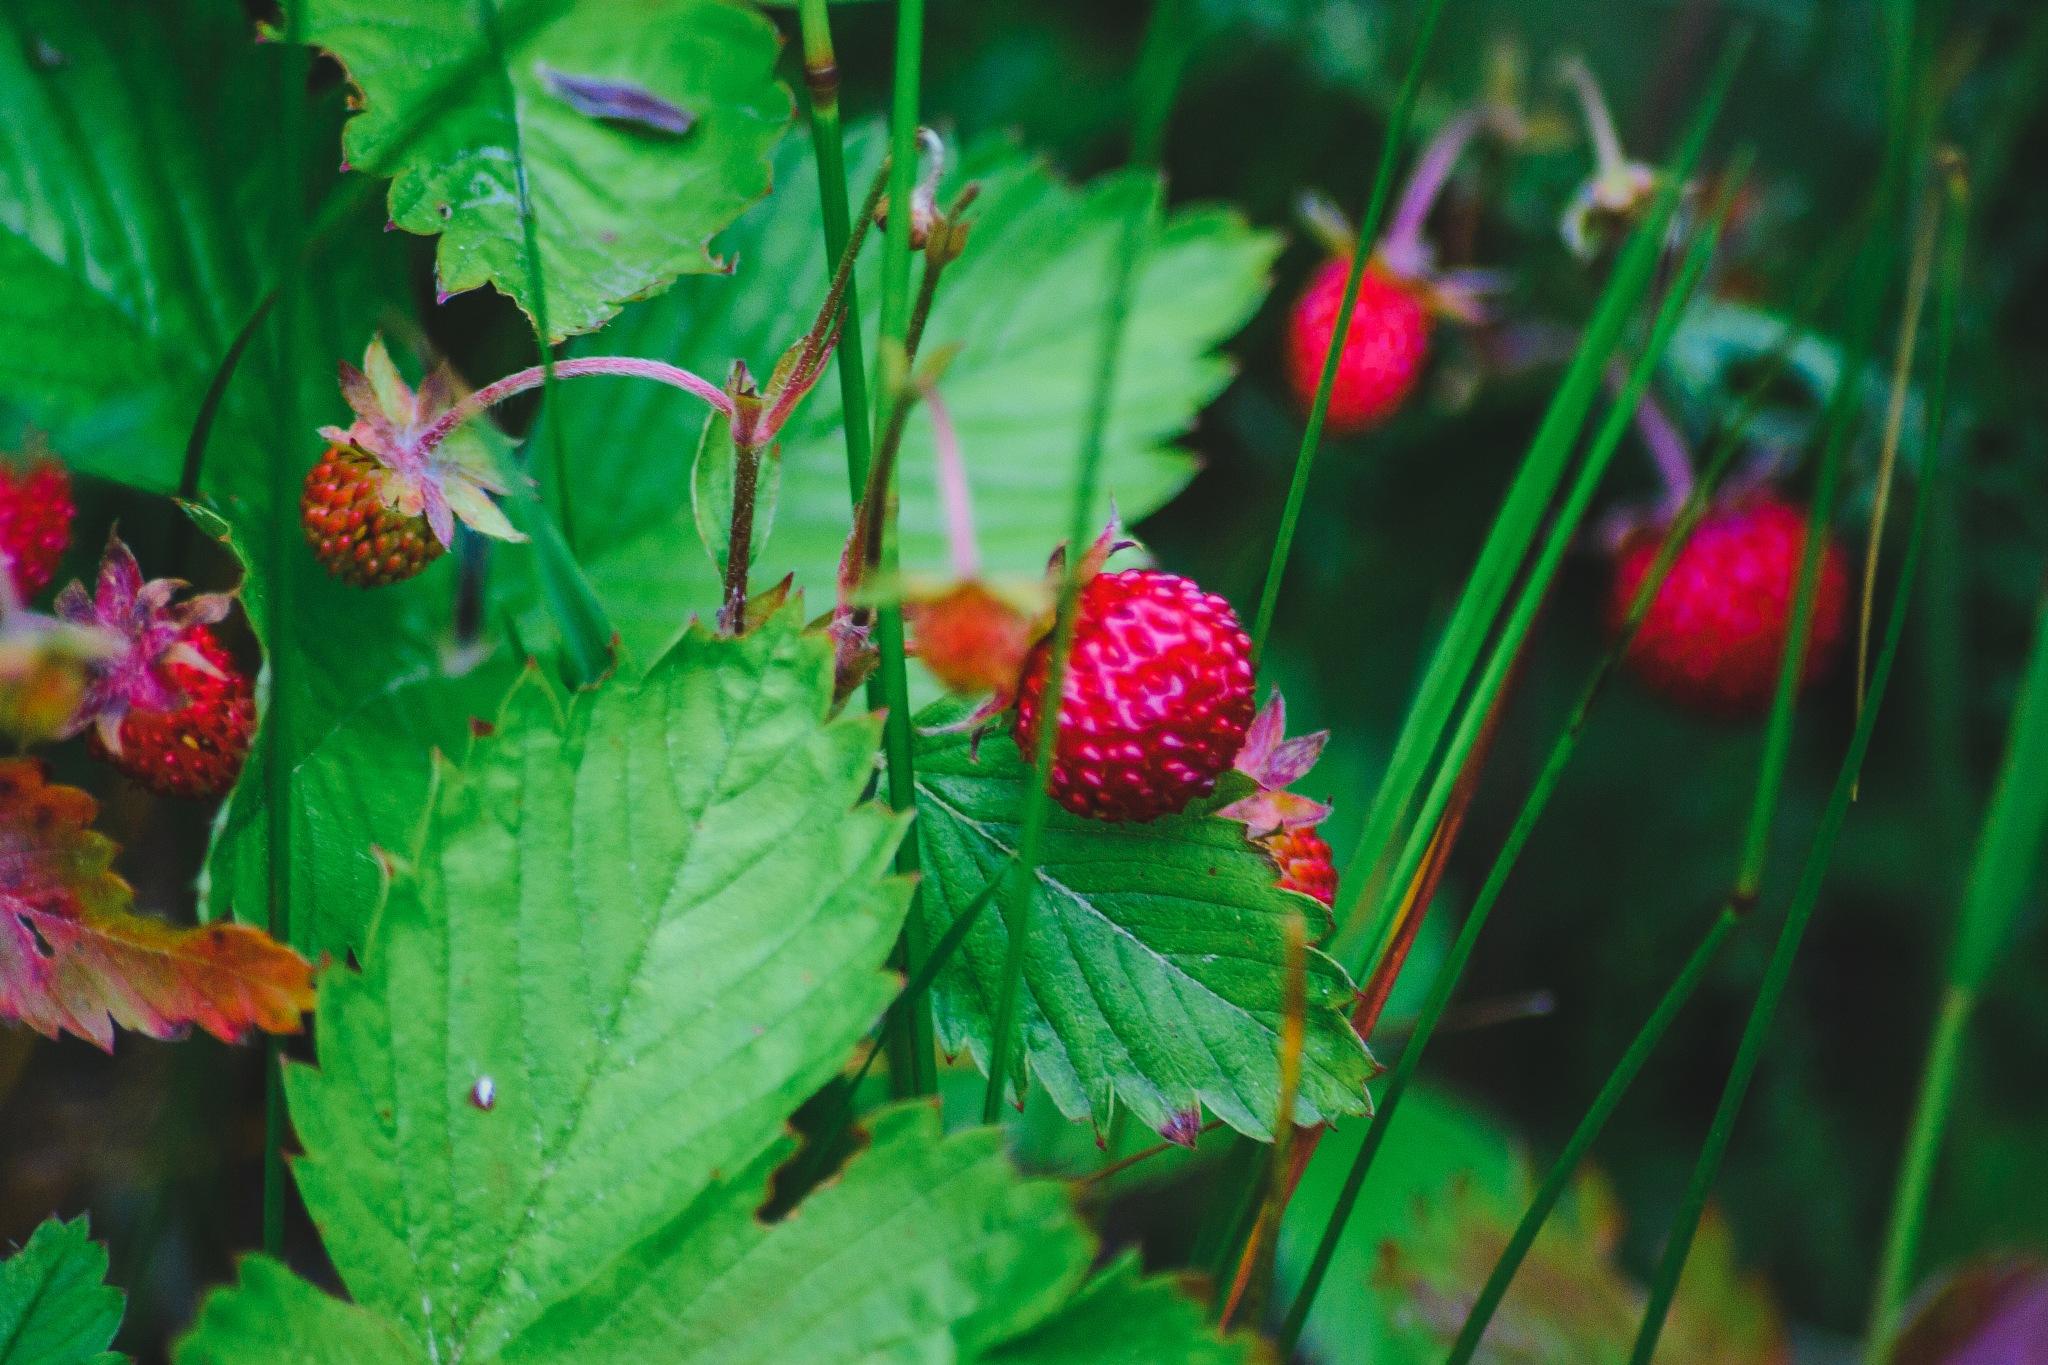 strawberry by Anastasiya Tarasova